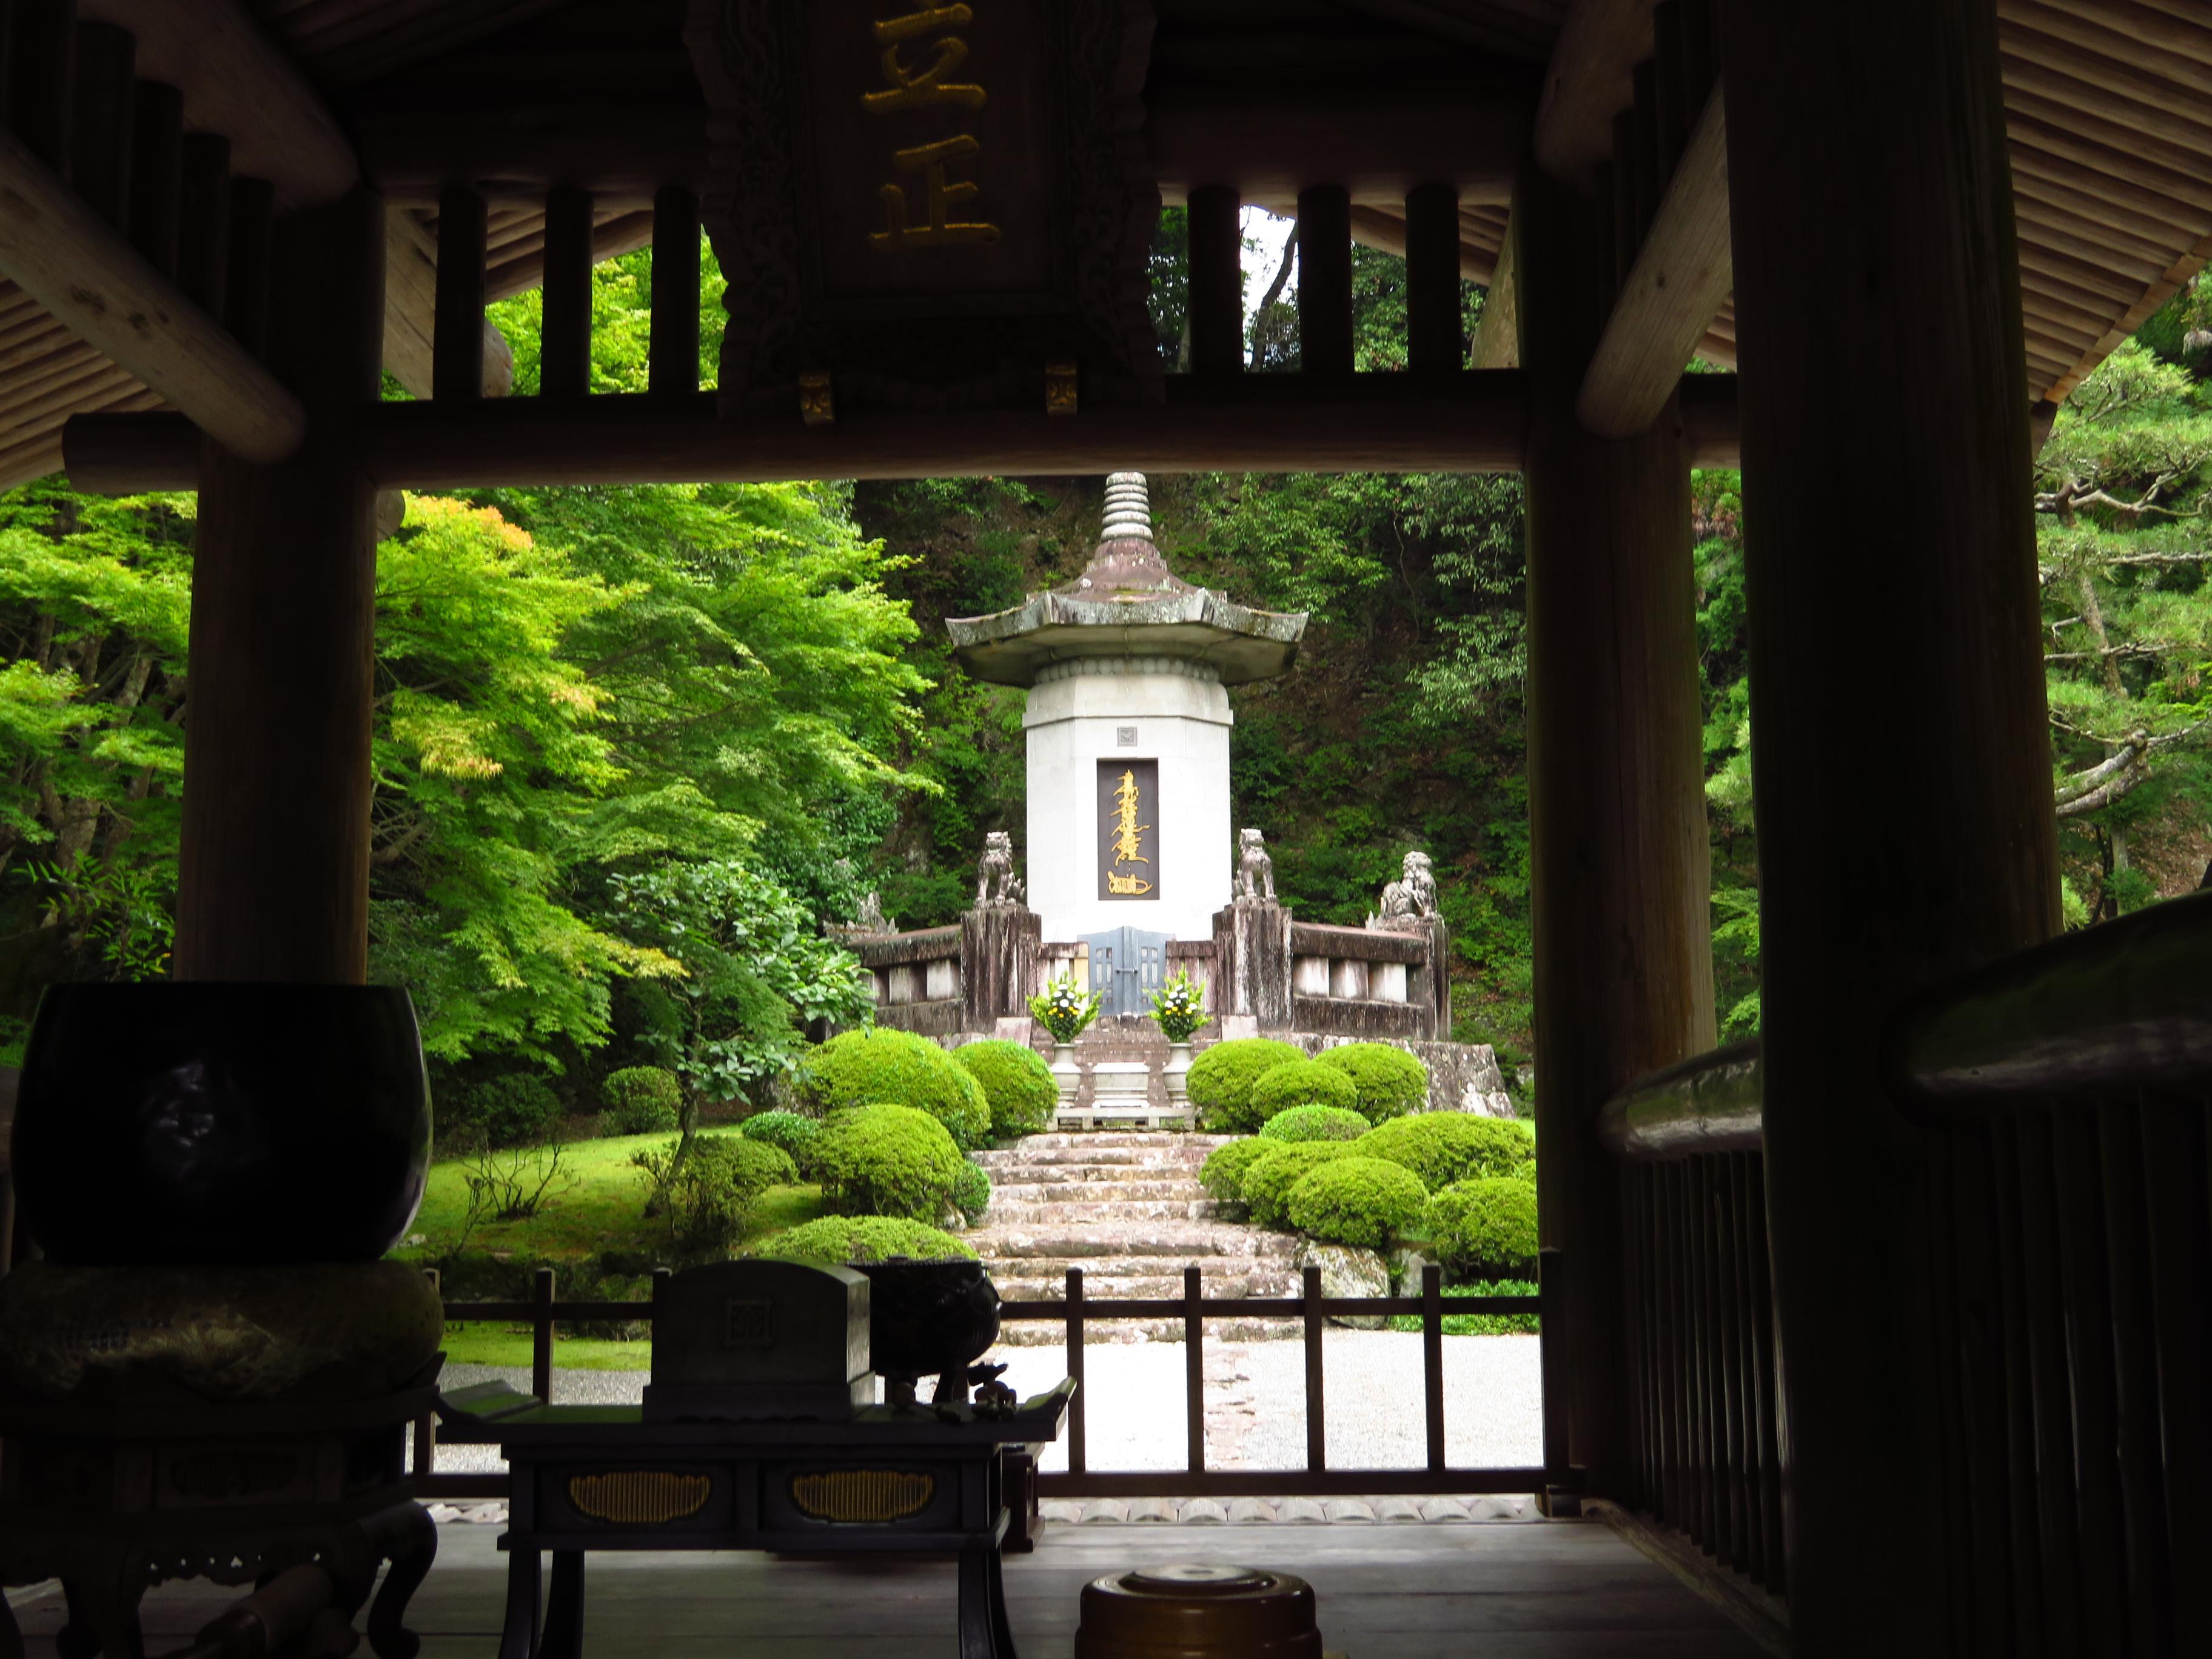 久遠寺の庭園